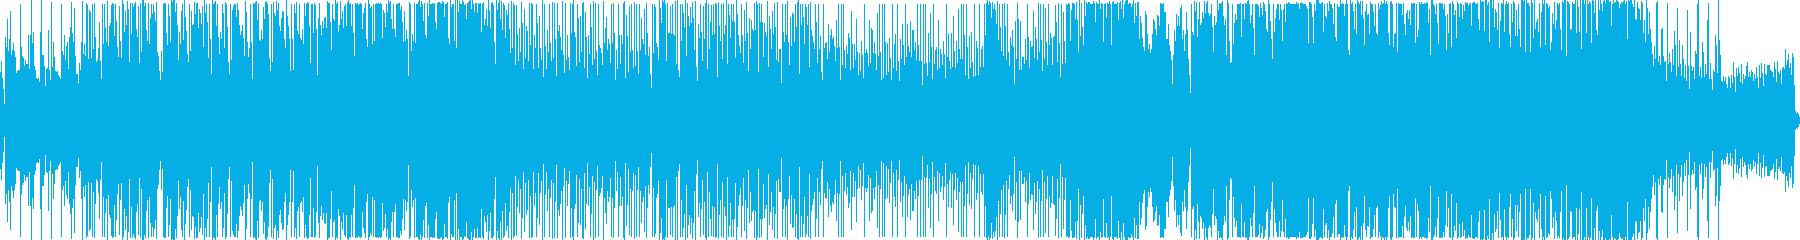 爽やか・スポーティーなフューチャーベースの再生済みの波形